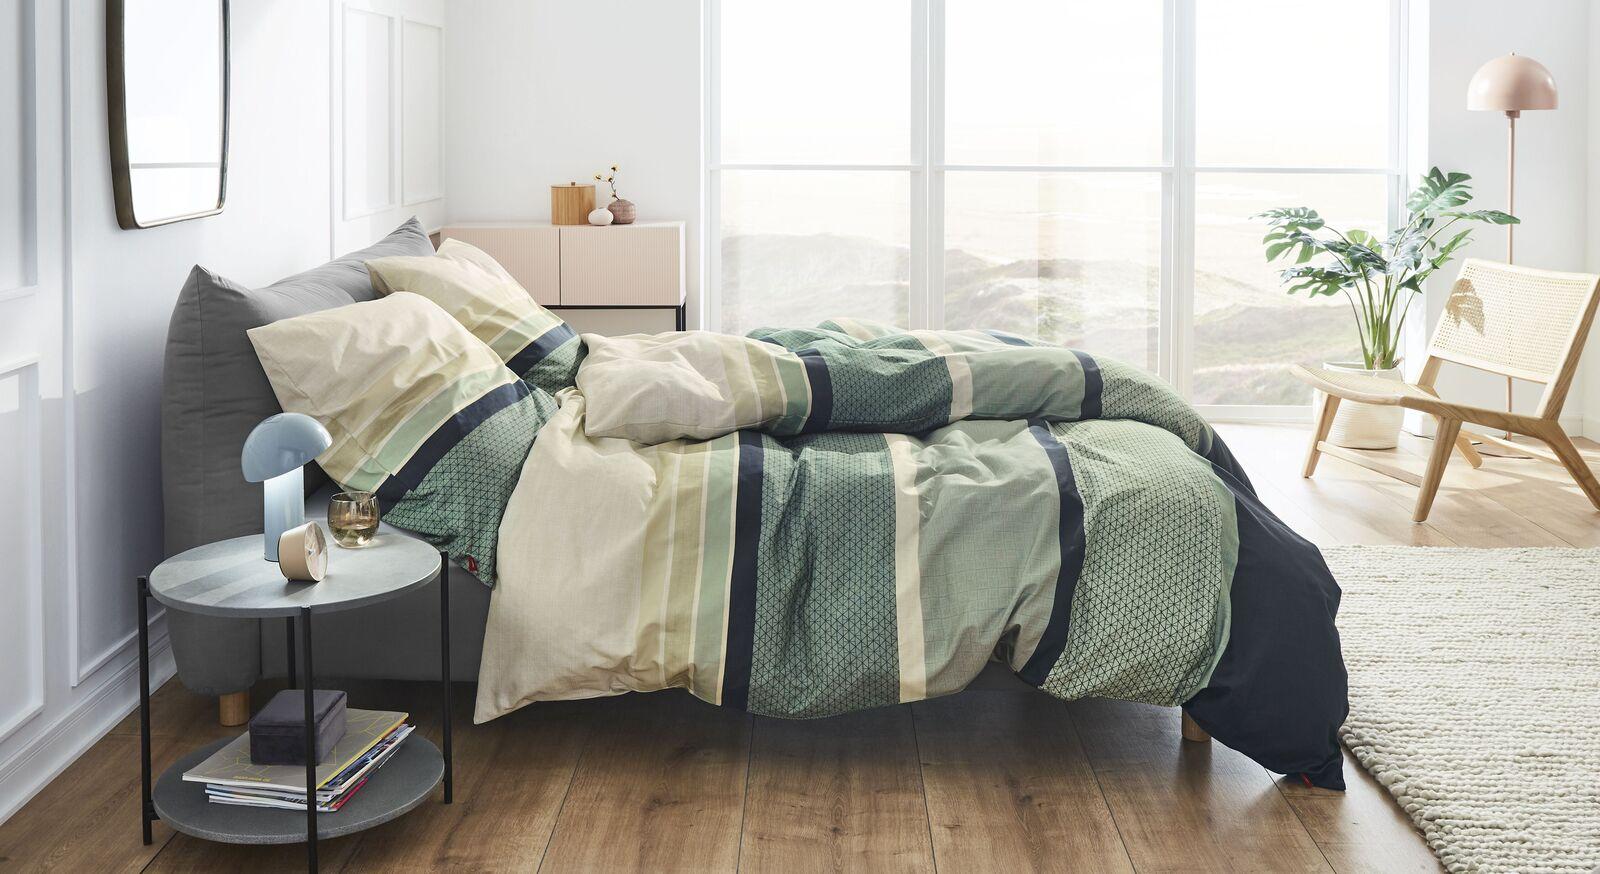 Satin-Flanell-Bettwäsche s.Oliver Streifen beige-grün aus 100% Baumwolle